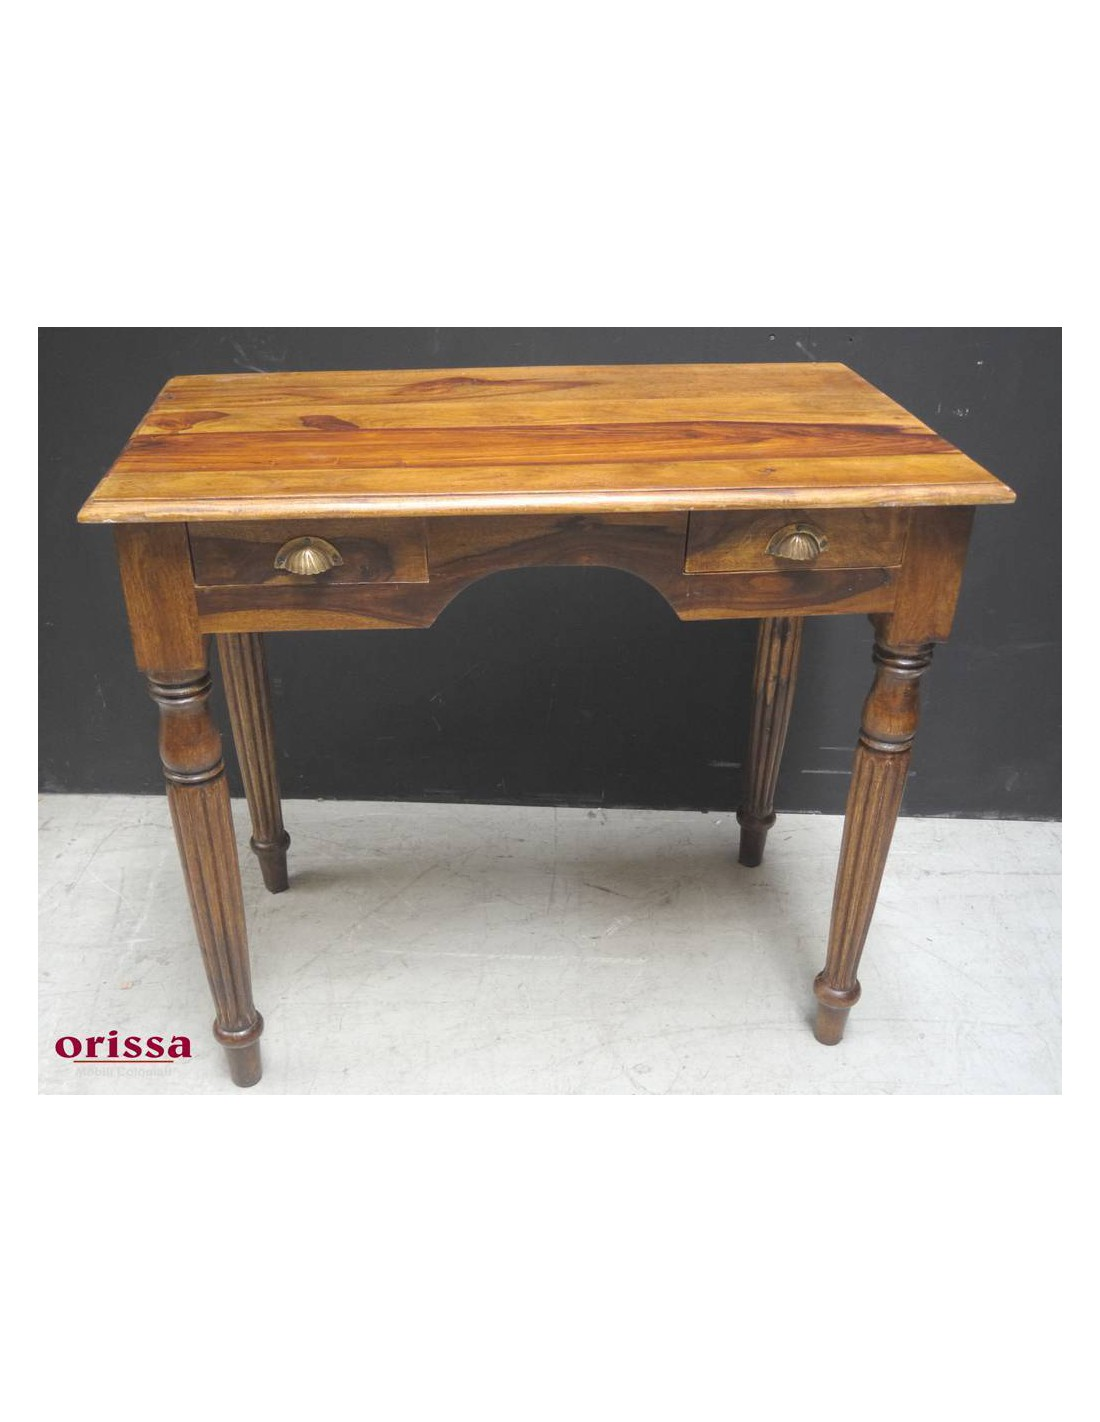 Scrivania legno massello con cassettini OR239 - Orissa Milano